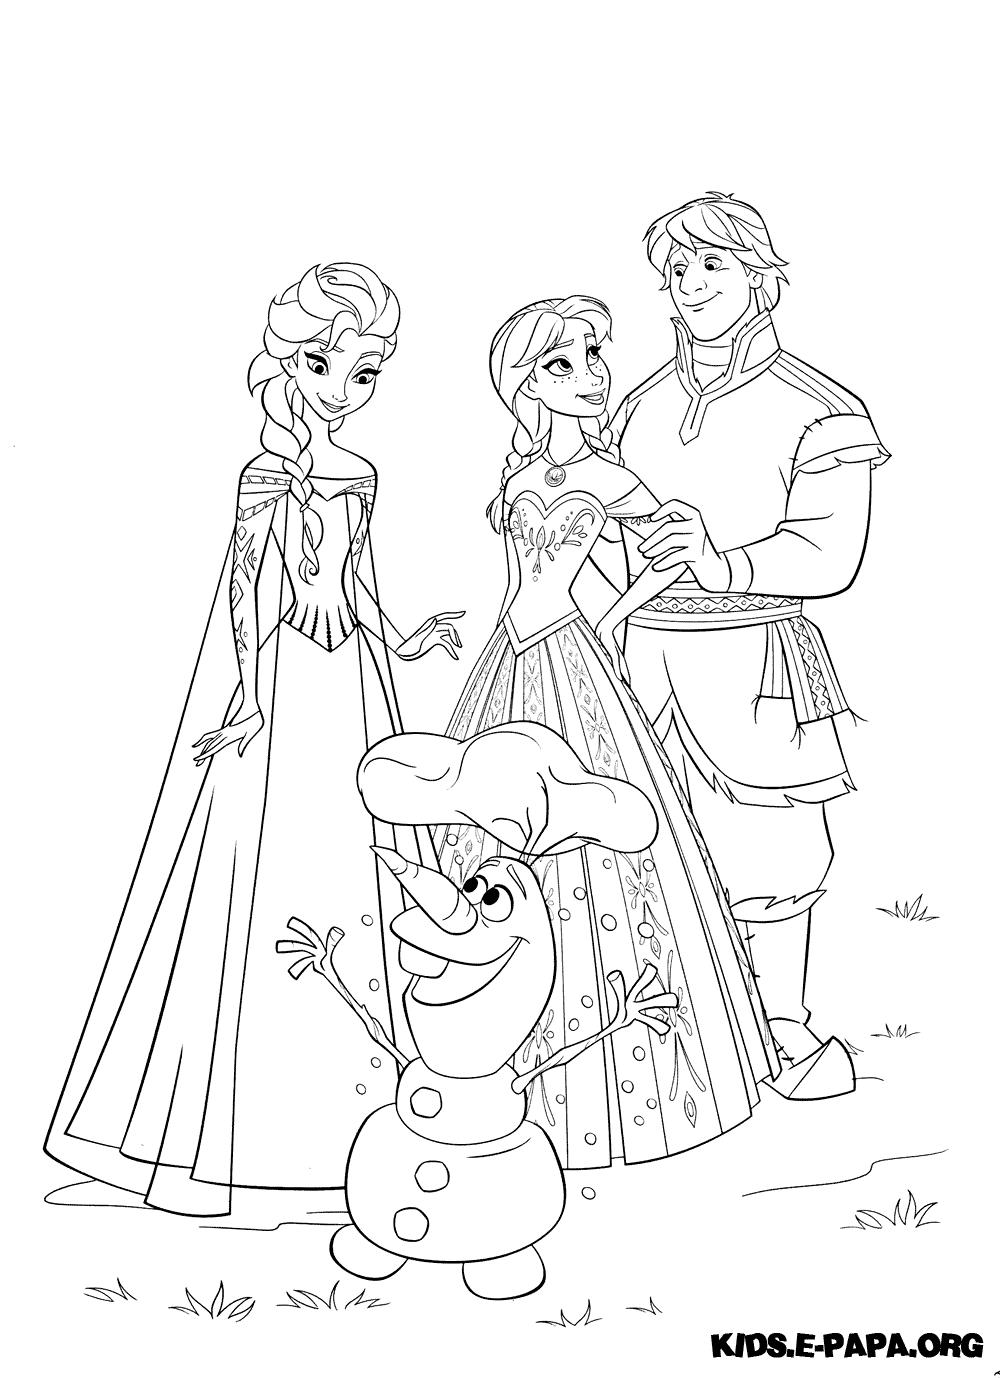 Ausmalbilder Für Kinder Kristoff Elsa Und Anna